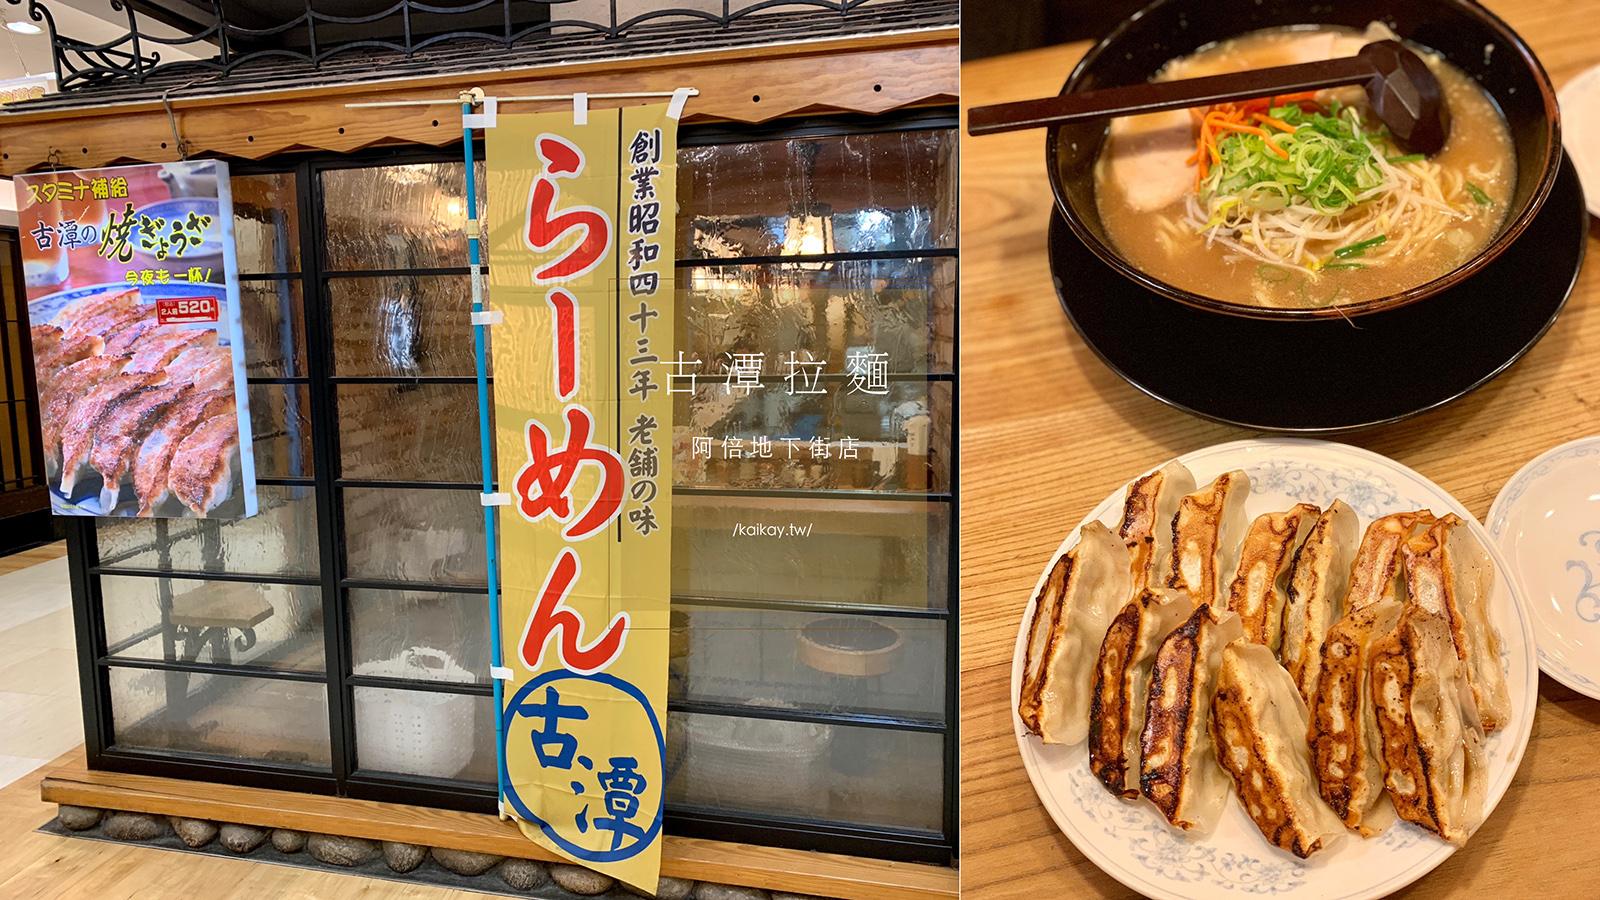 ☆【2019。大阪】脆皮煎餃超好吃!大阪人推薦的老字號古潭拉麵 @凱的日本食尚日記